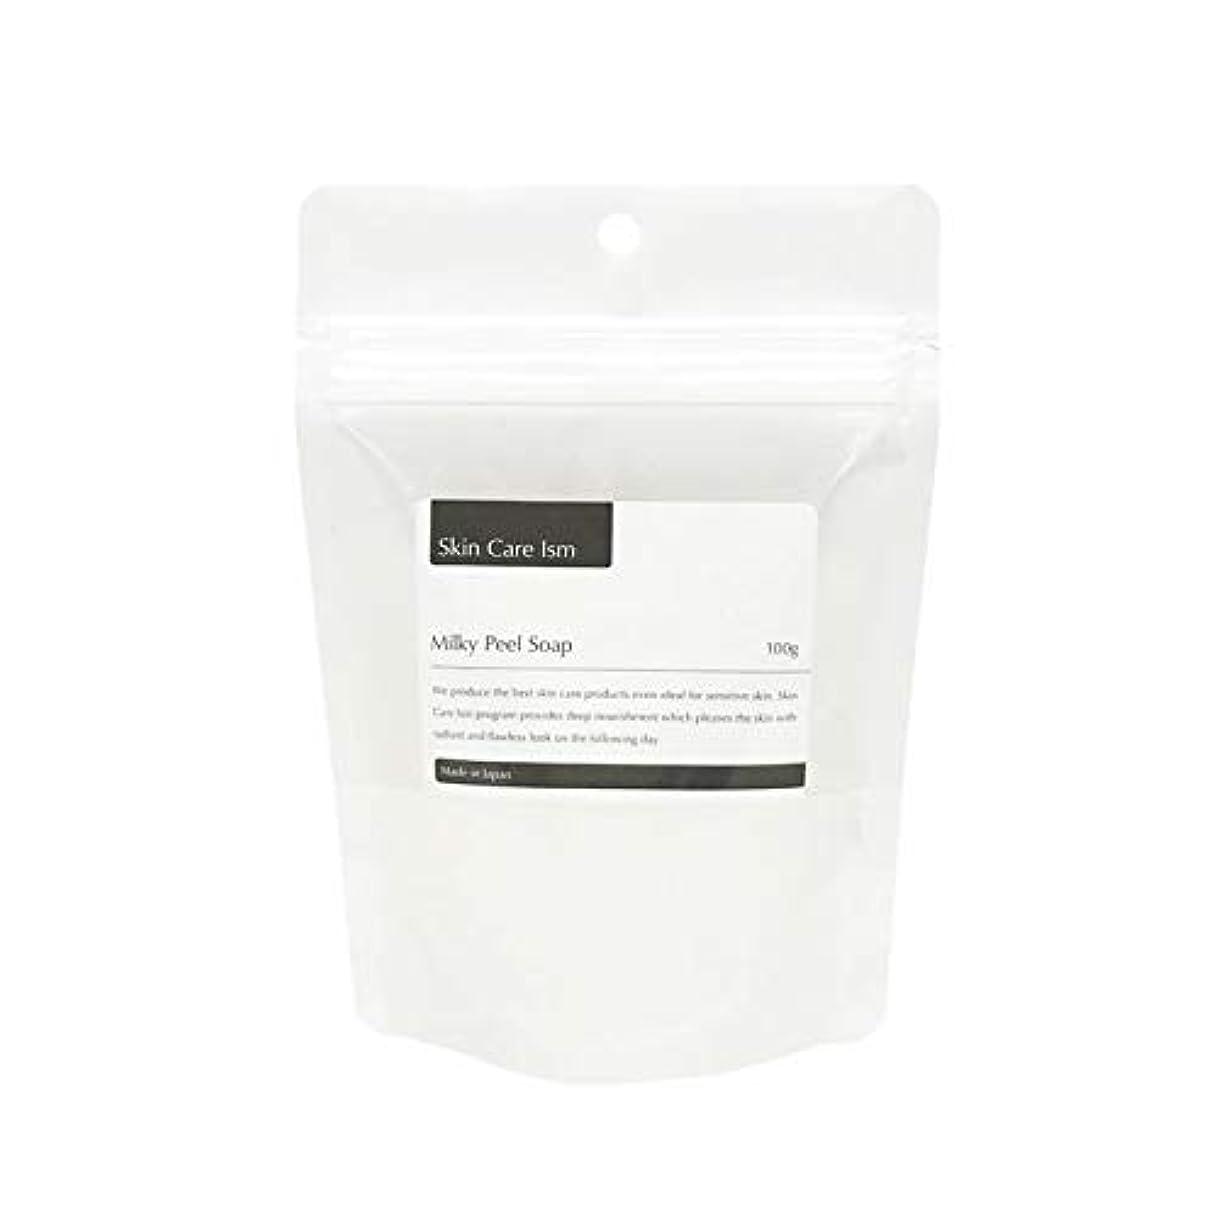 かわす結核覗く【Skin Care Ism / Milky Peel Soap】スキンケアイズム?ミルキーピールソープ